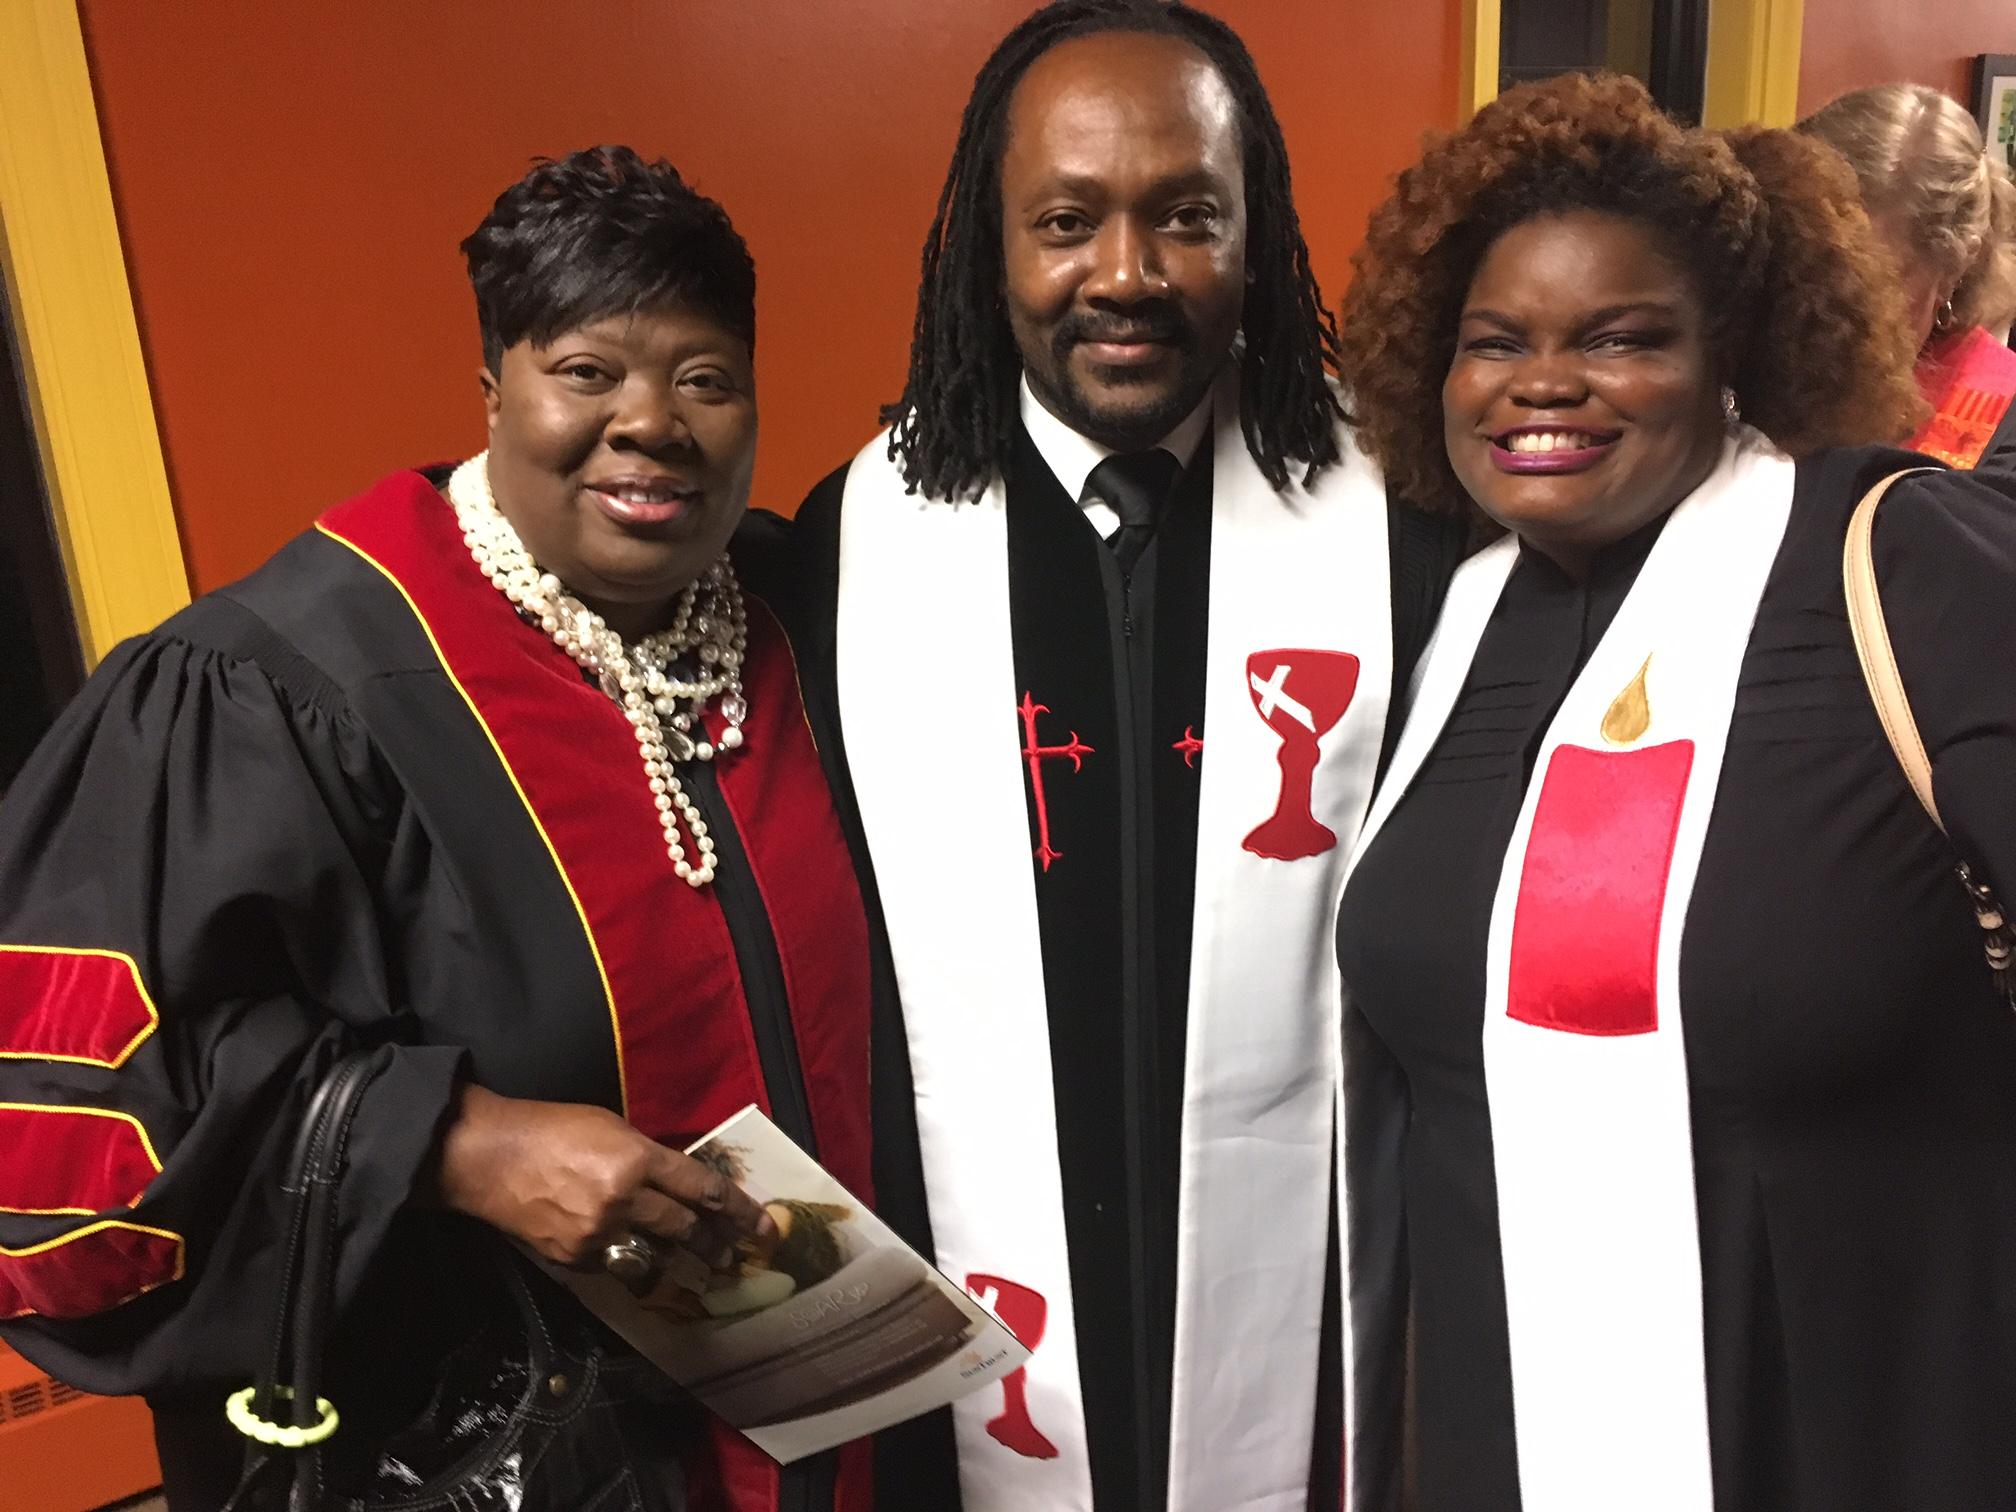 Rev. Dr. Christal Williams, Rev. Chris Dorsey, Rev. Virzola Law